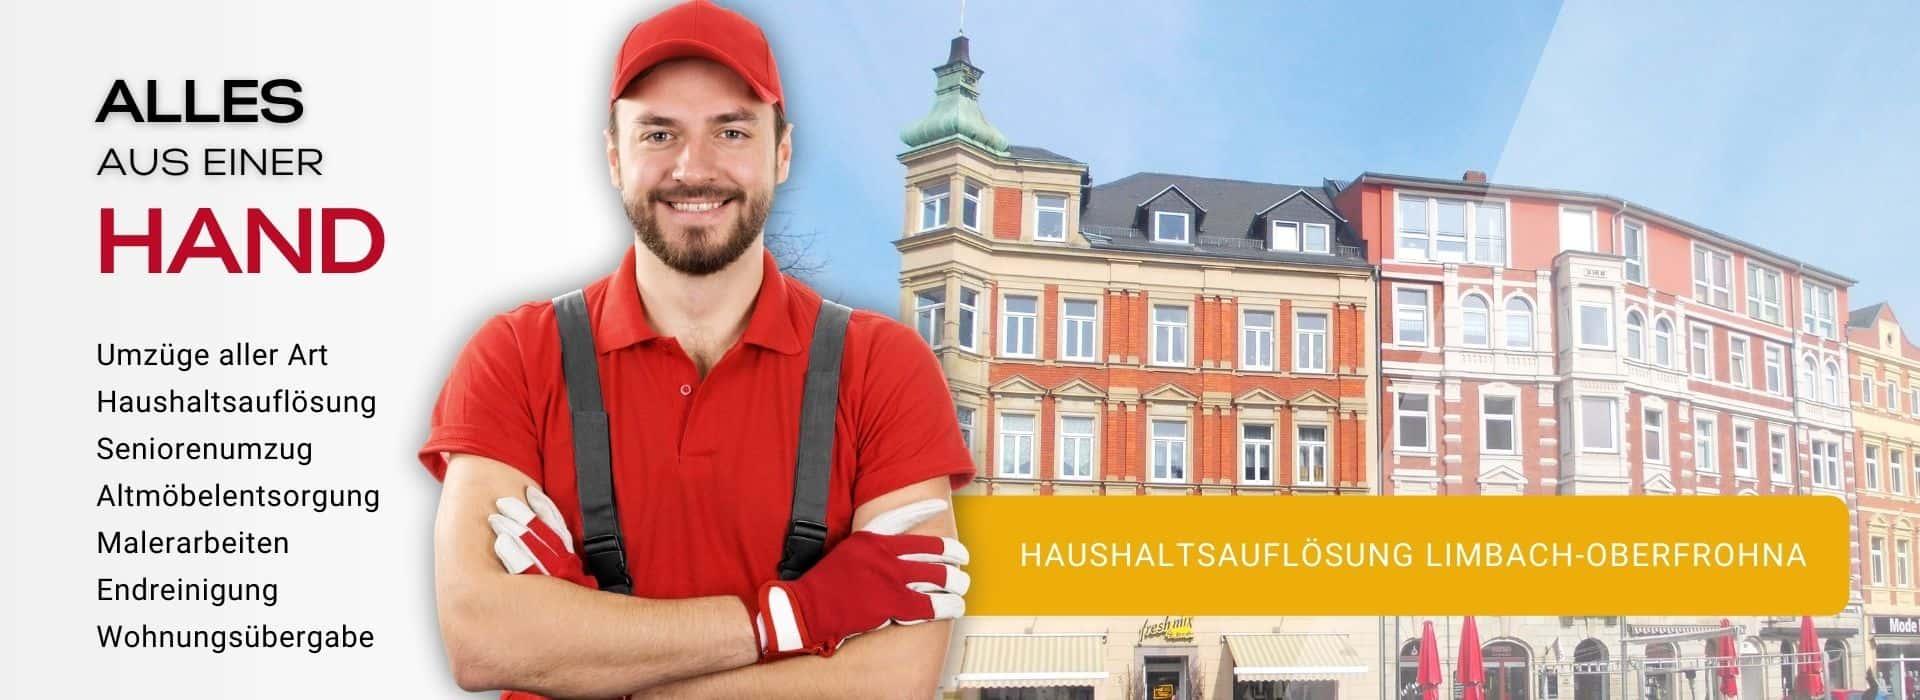 Haushaltsauflösung Limbach-Oberfrohna Entrümpelung